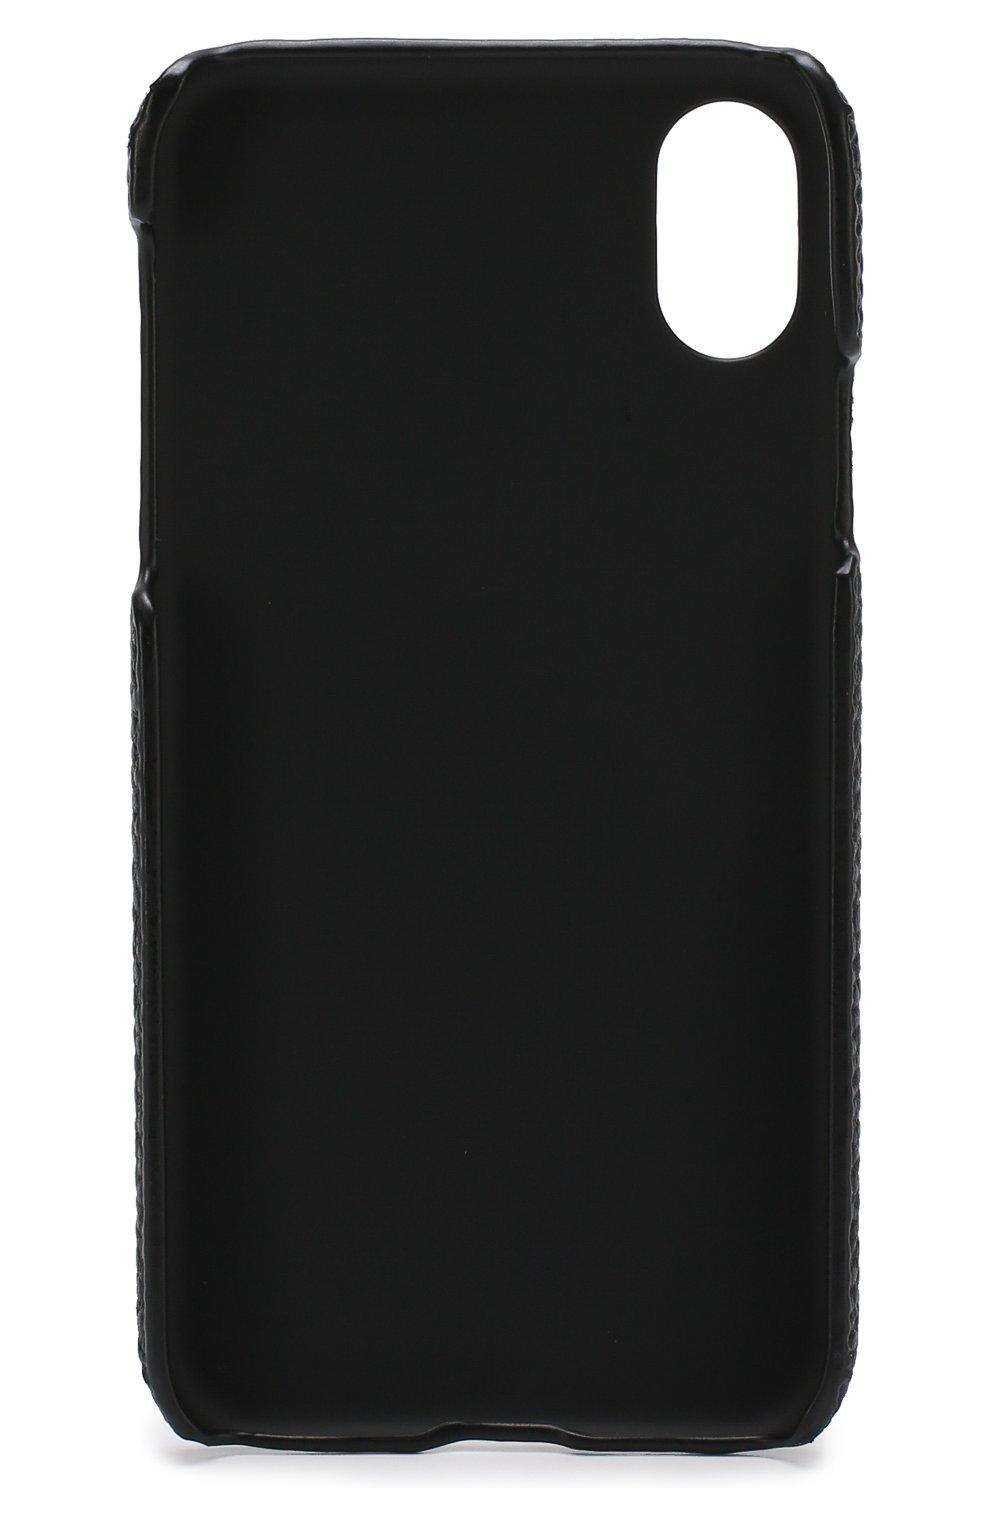 Мужской чехол для iphone x с декоративной отделкой IPHORIA черного цвета, арт. 14604   Фото 2